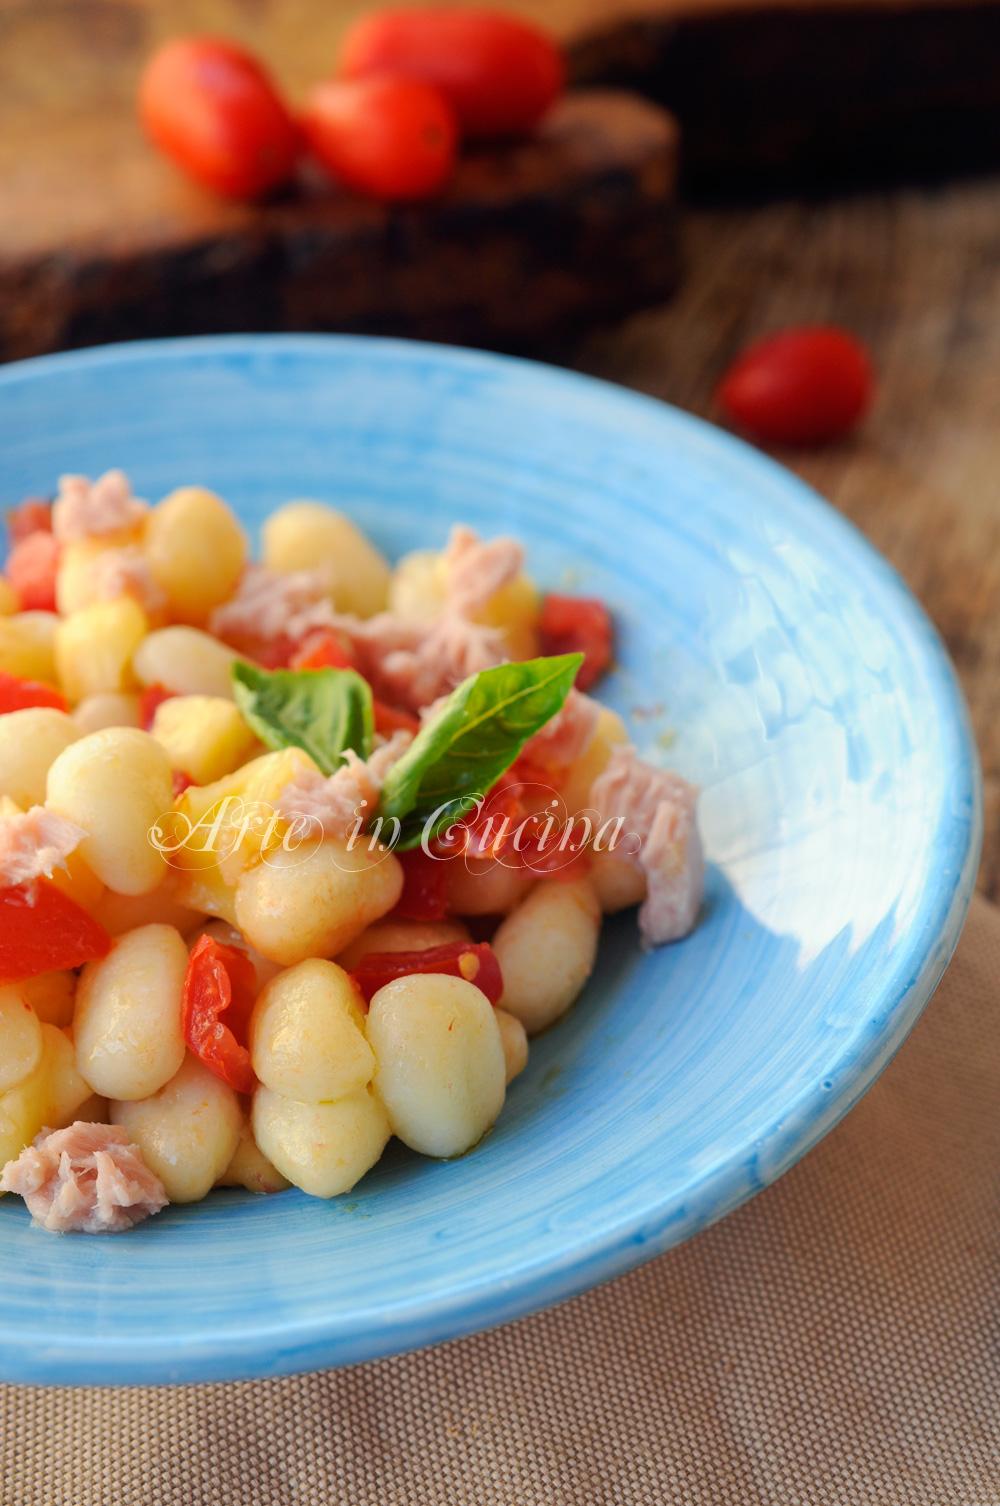 Gnocchi freddi all'insalata ricetta veloce vickyart arte in cucina